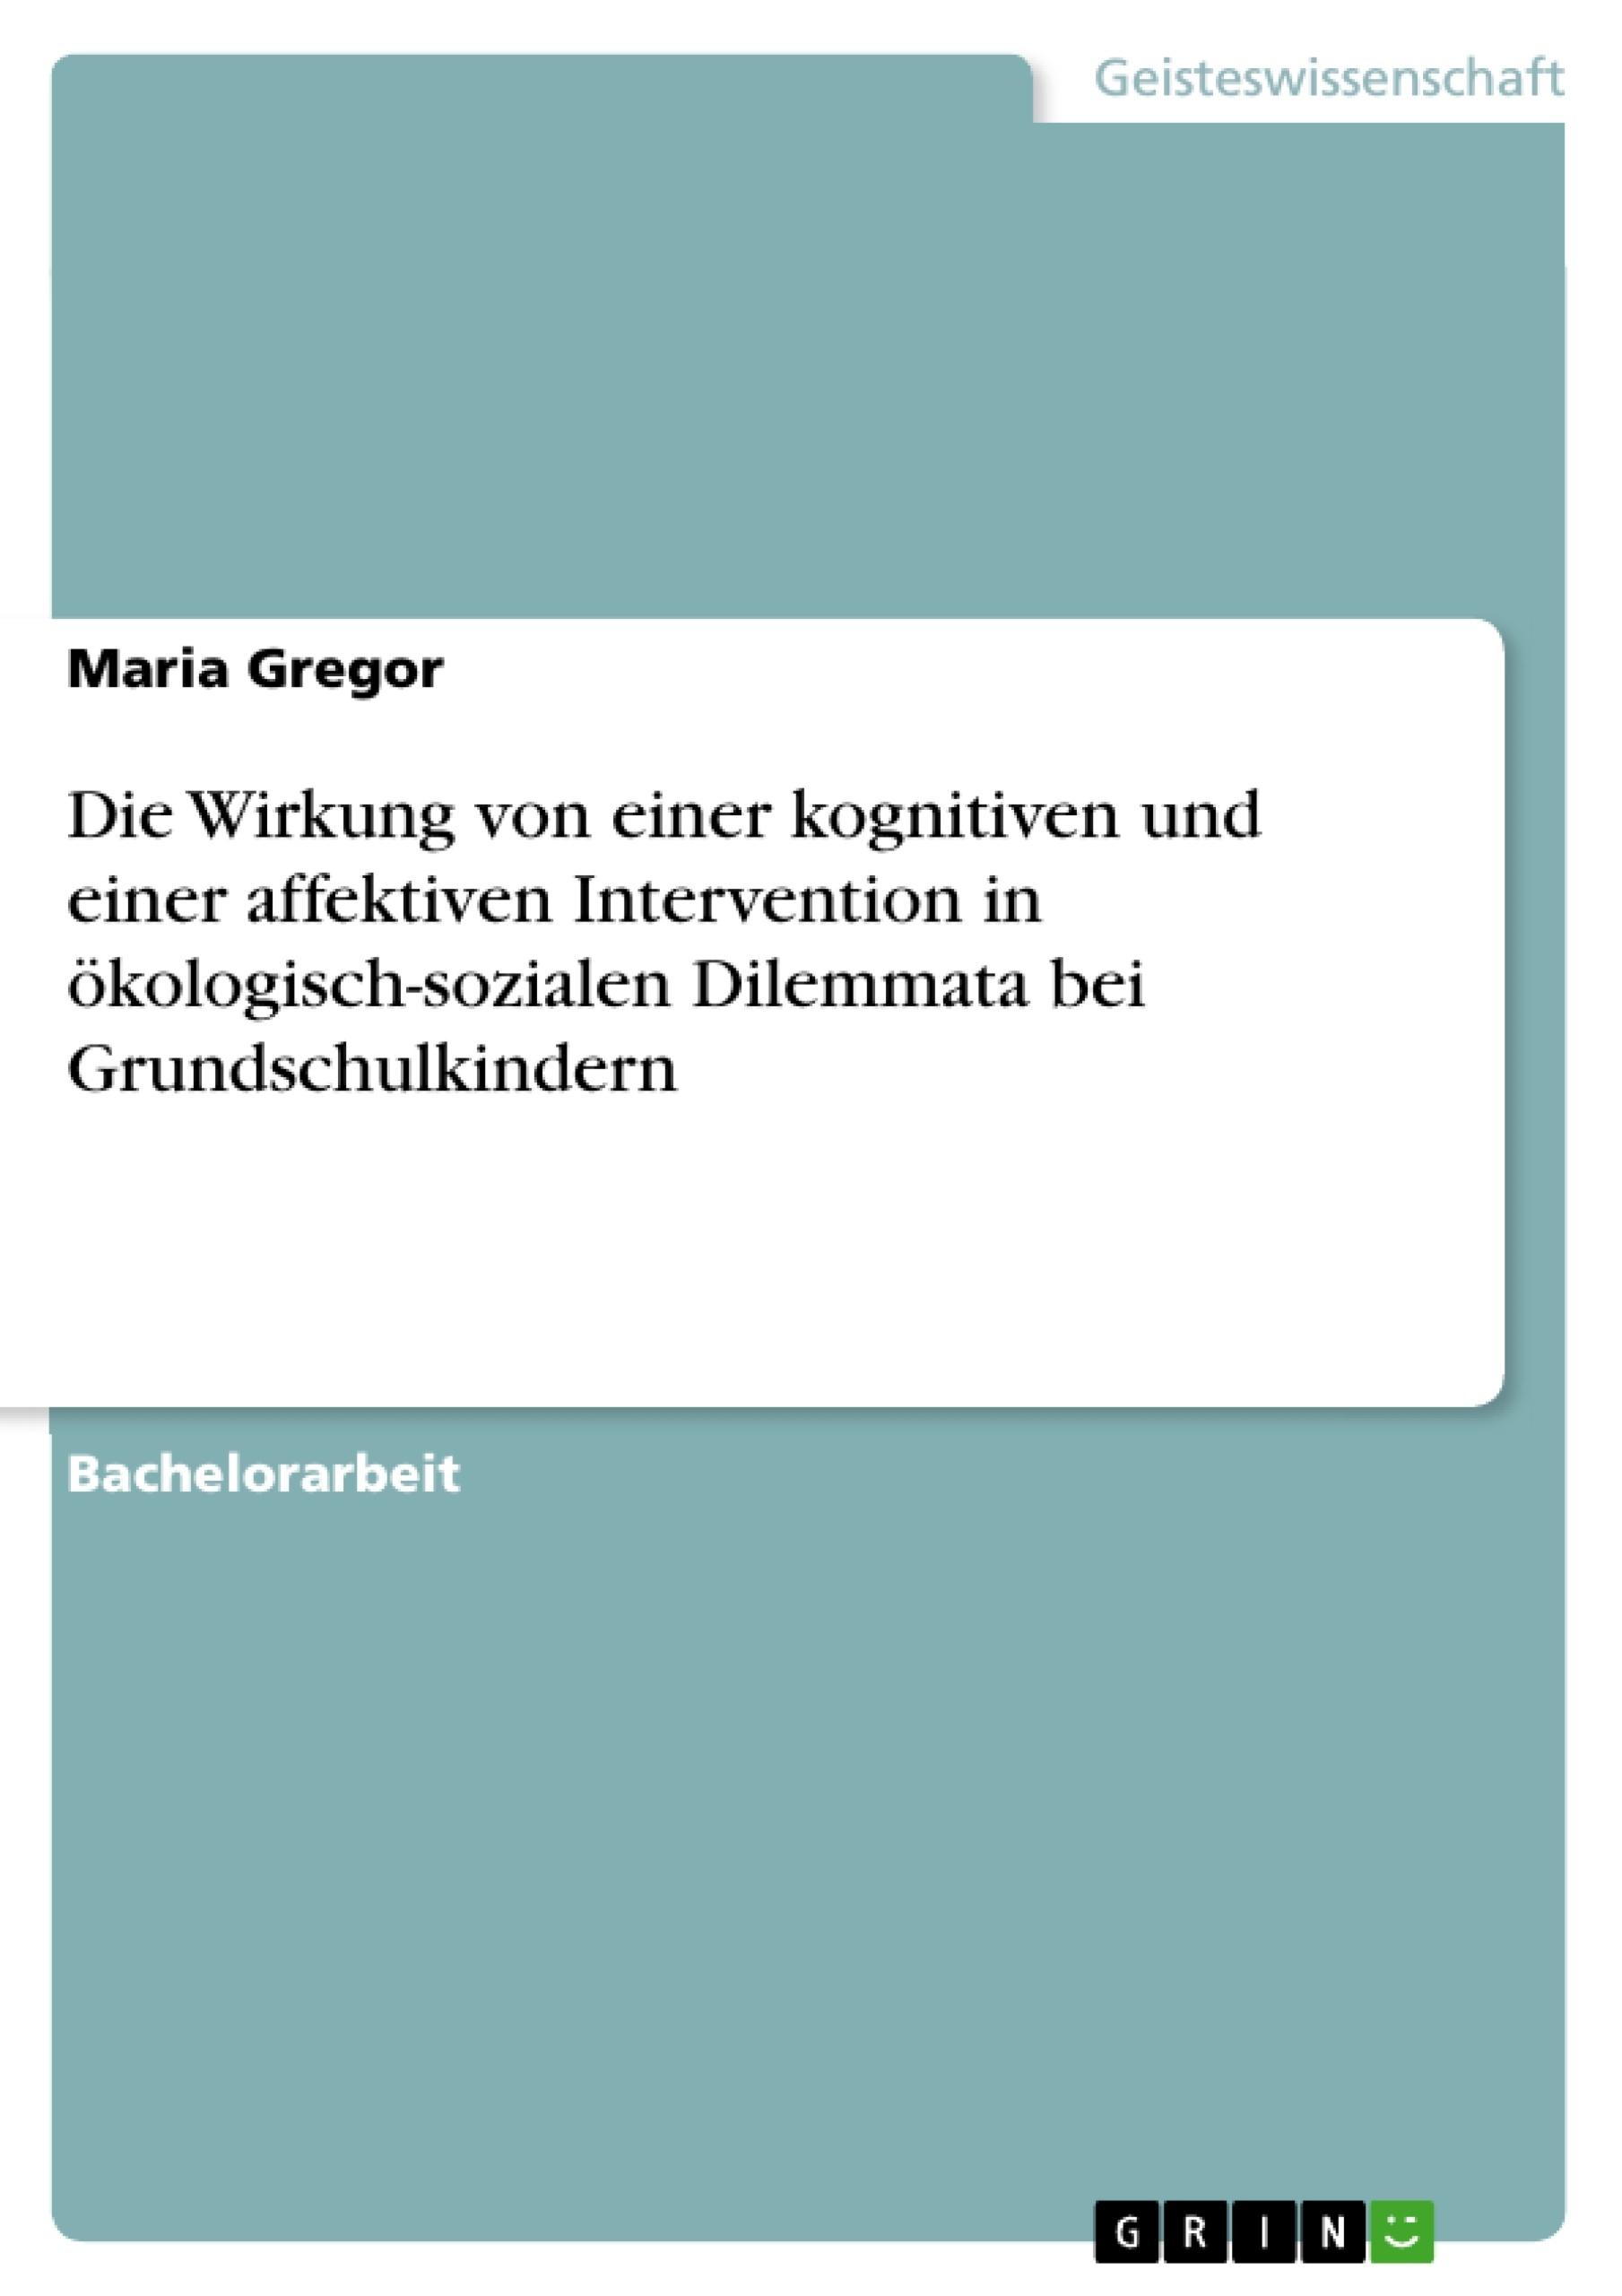 Titel: Die Wirkung von einer kognitiven und einer affektiven Intervention in ökologisch-sozialen Dilemmata bei Grundschulkindern